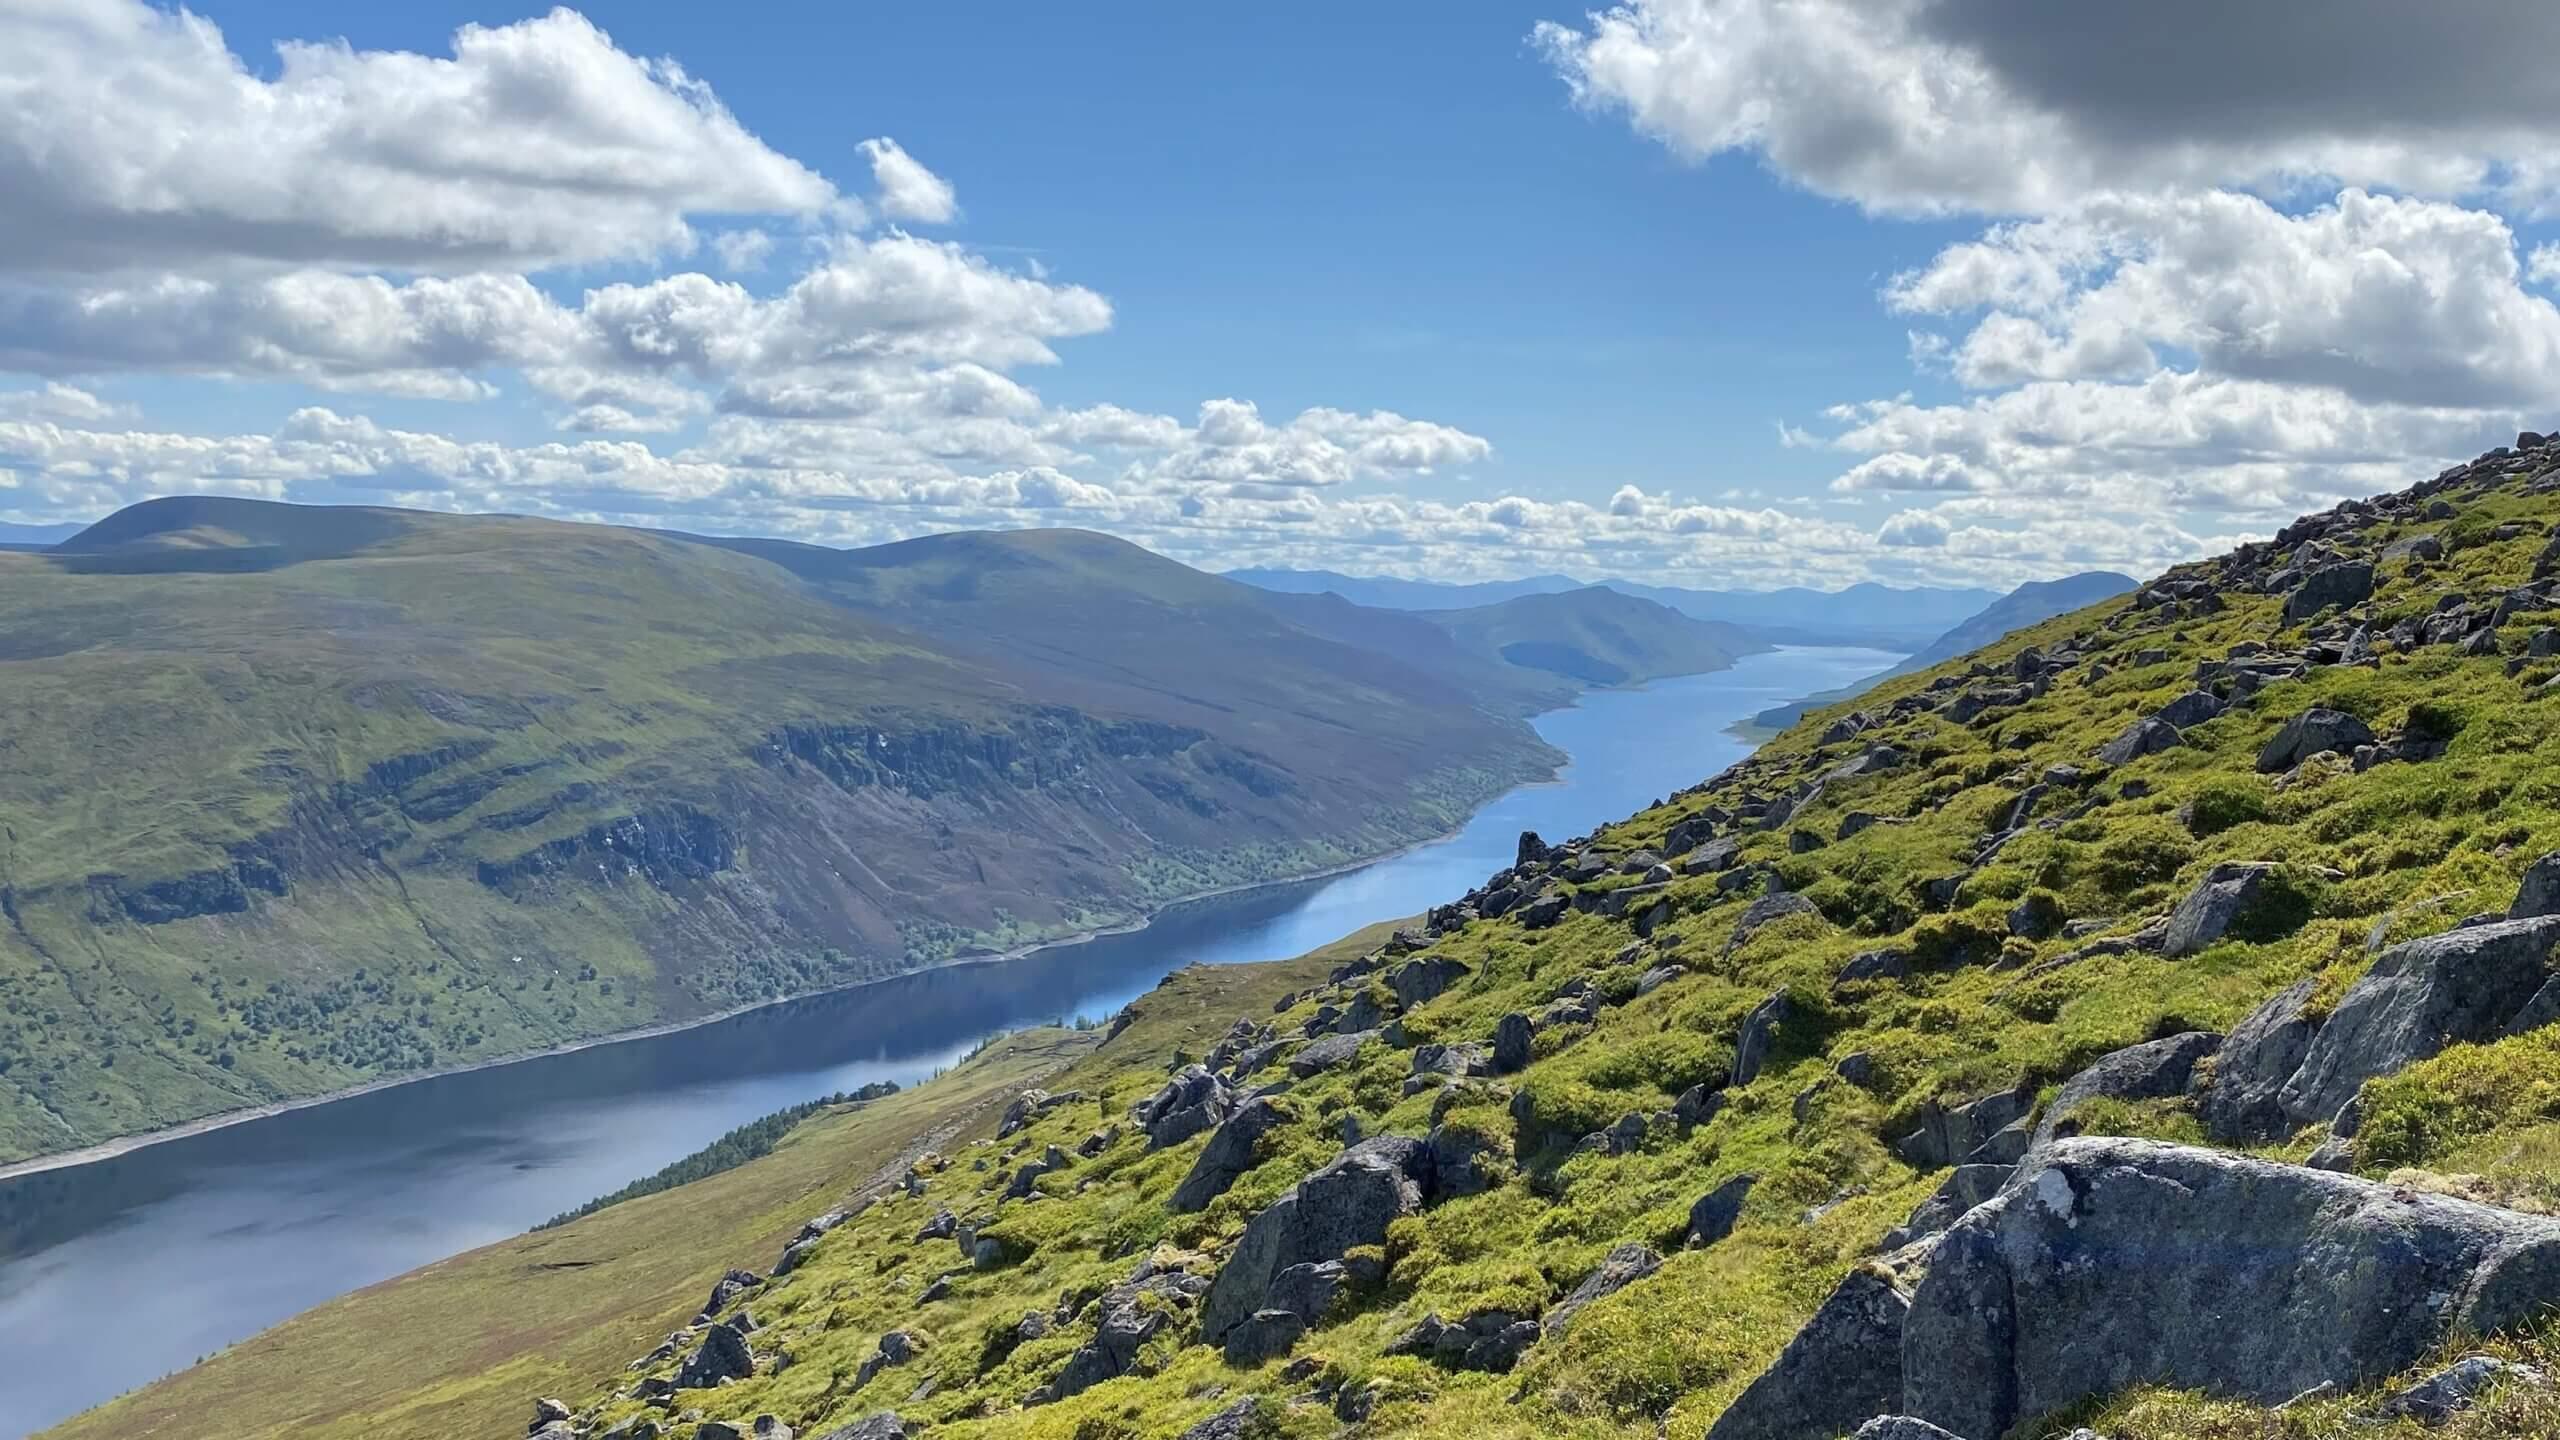 A stunning view across Loch Ericht within the Ben Alder Estate